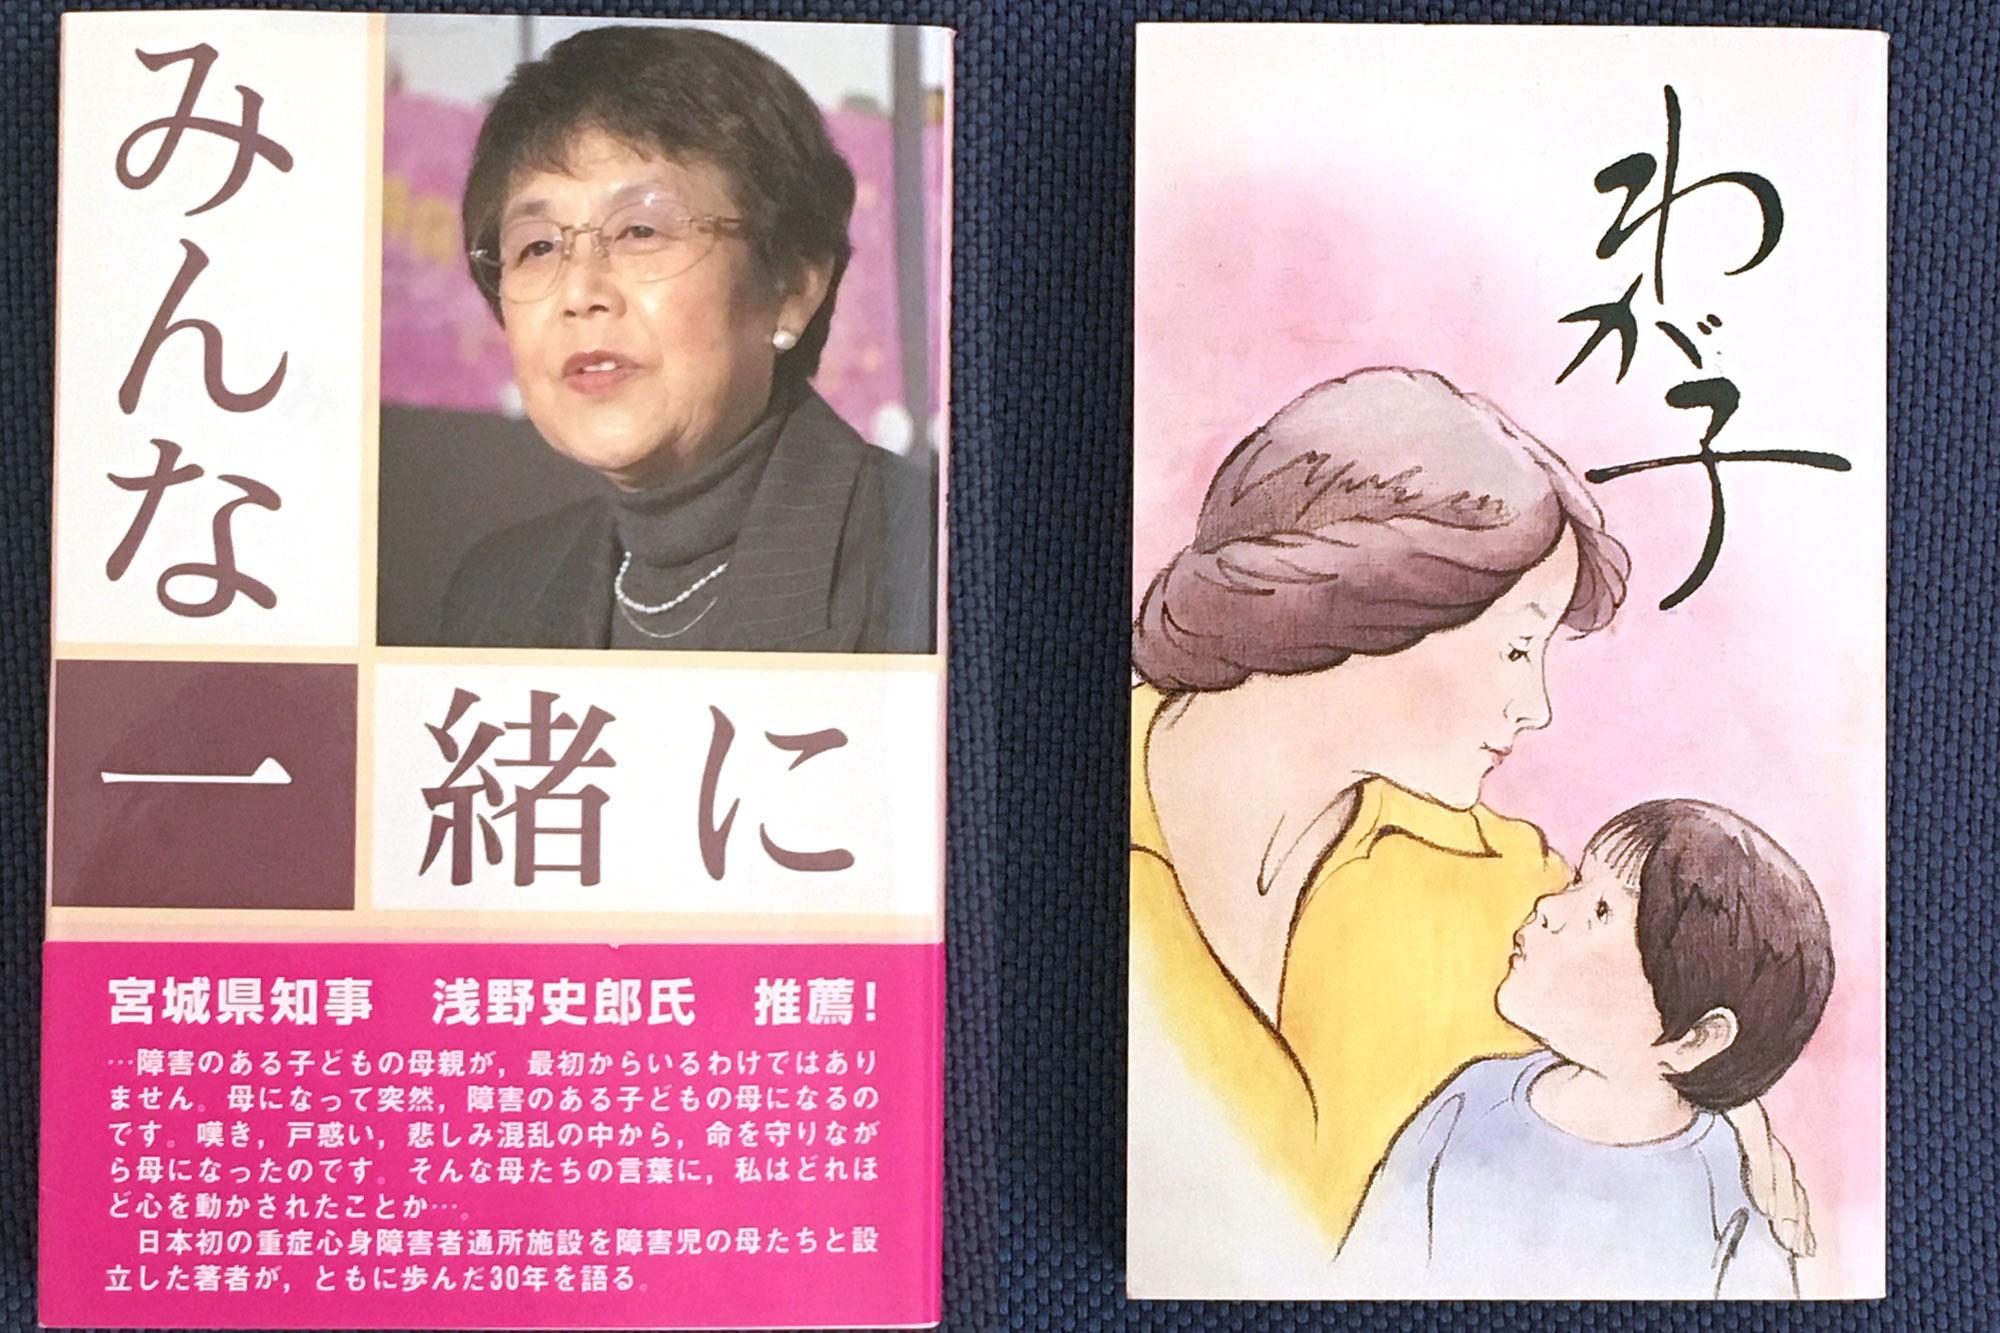 日浦美智江著書「みんな一緒に」「わが子」